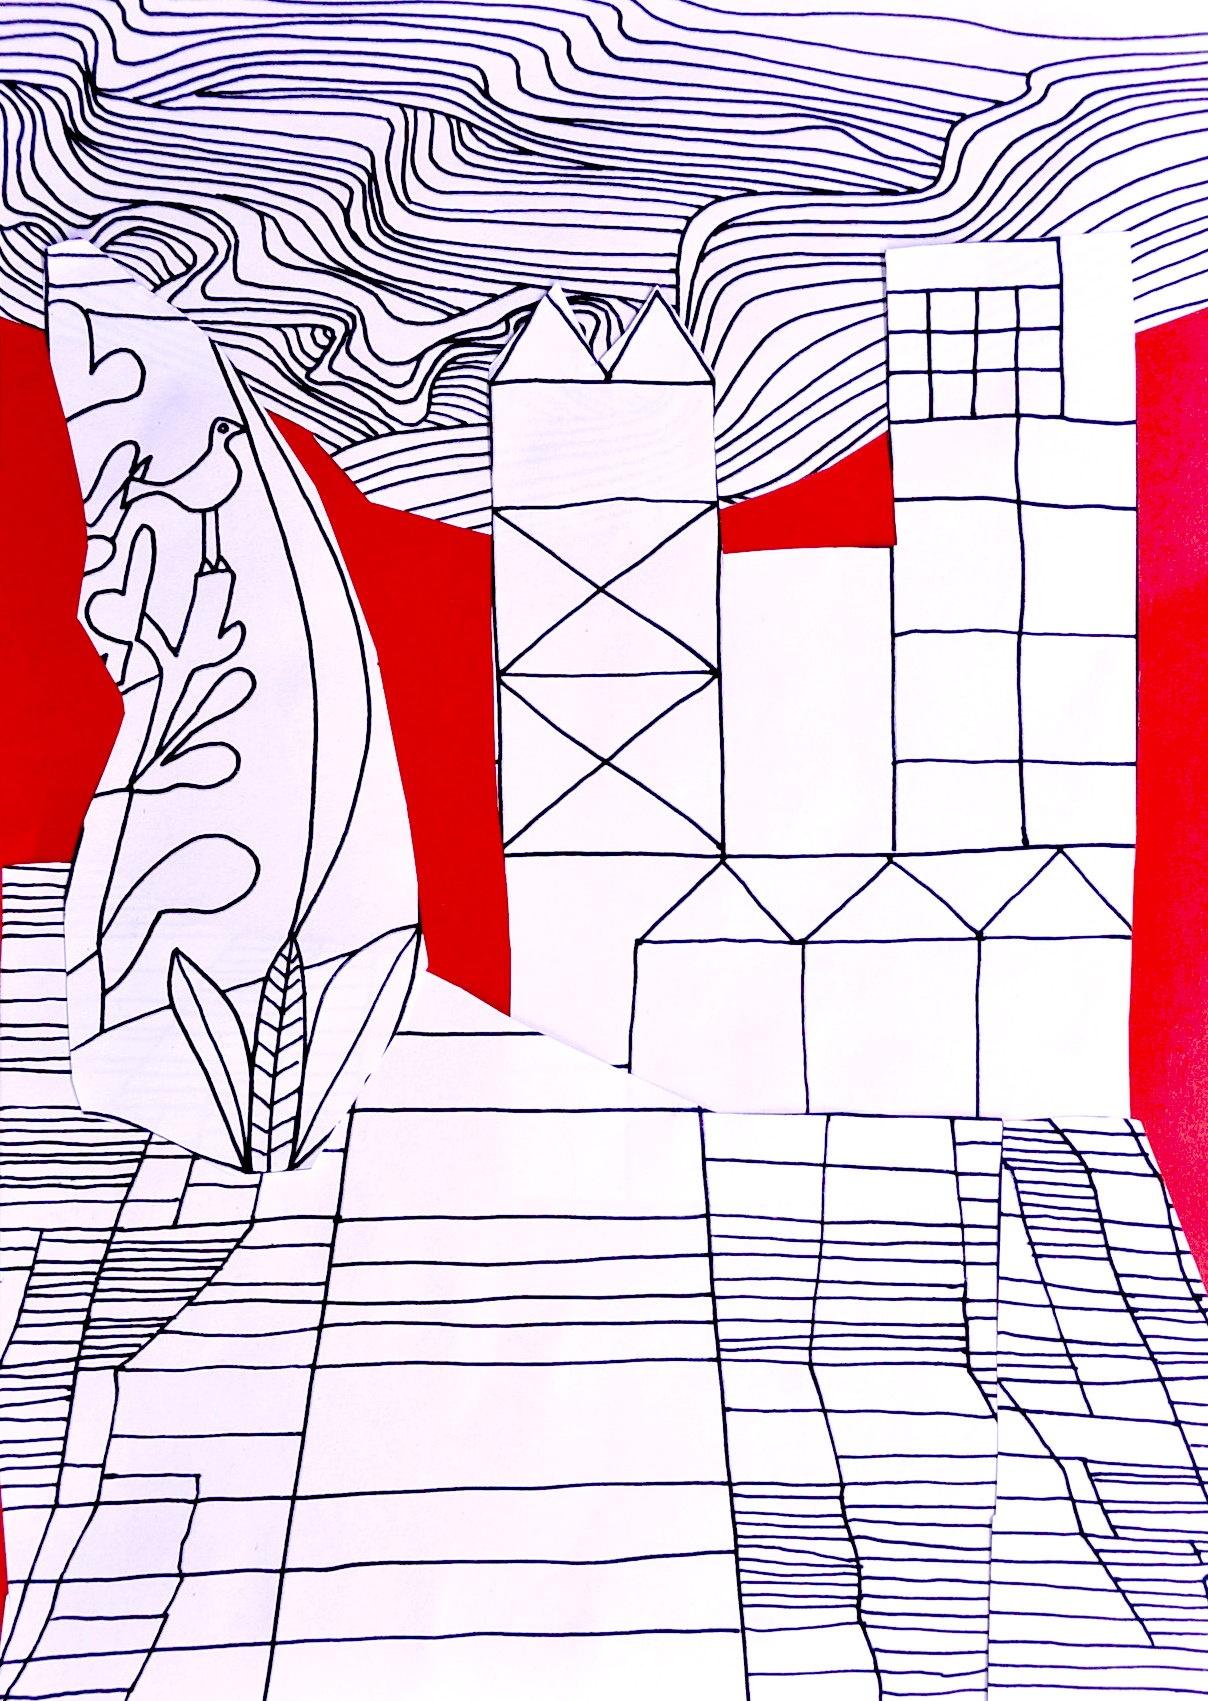 Collage Paul Klee 5 Worksheets